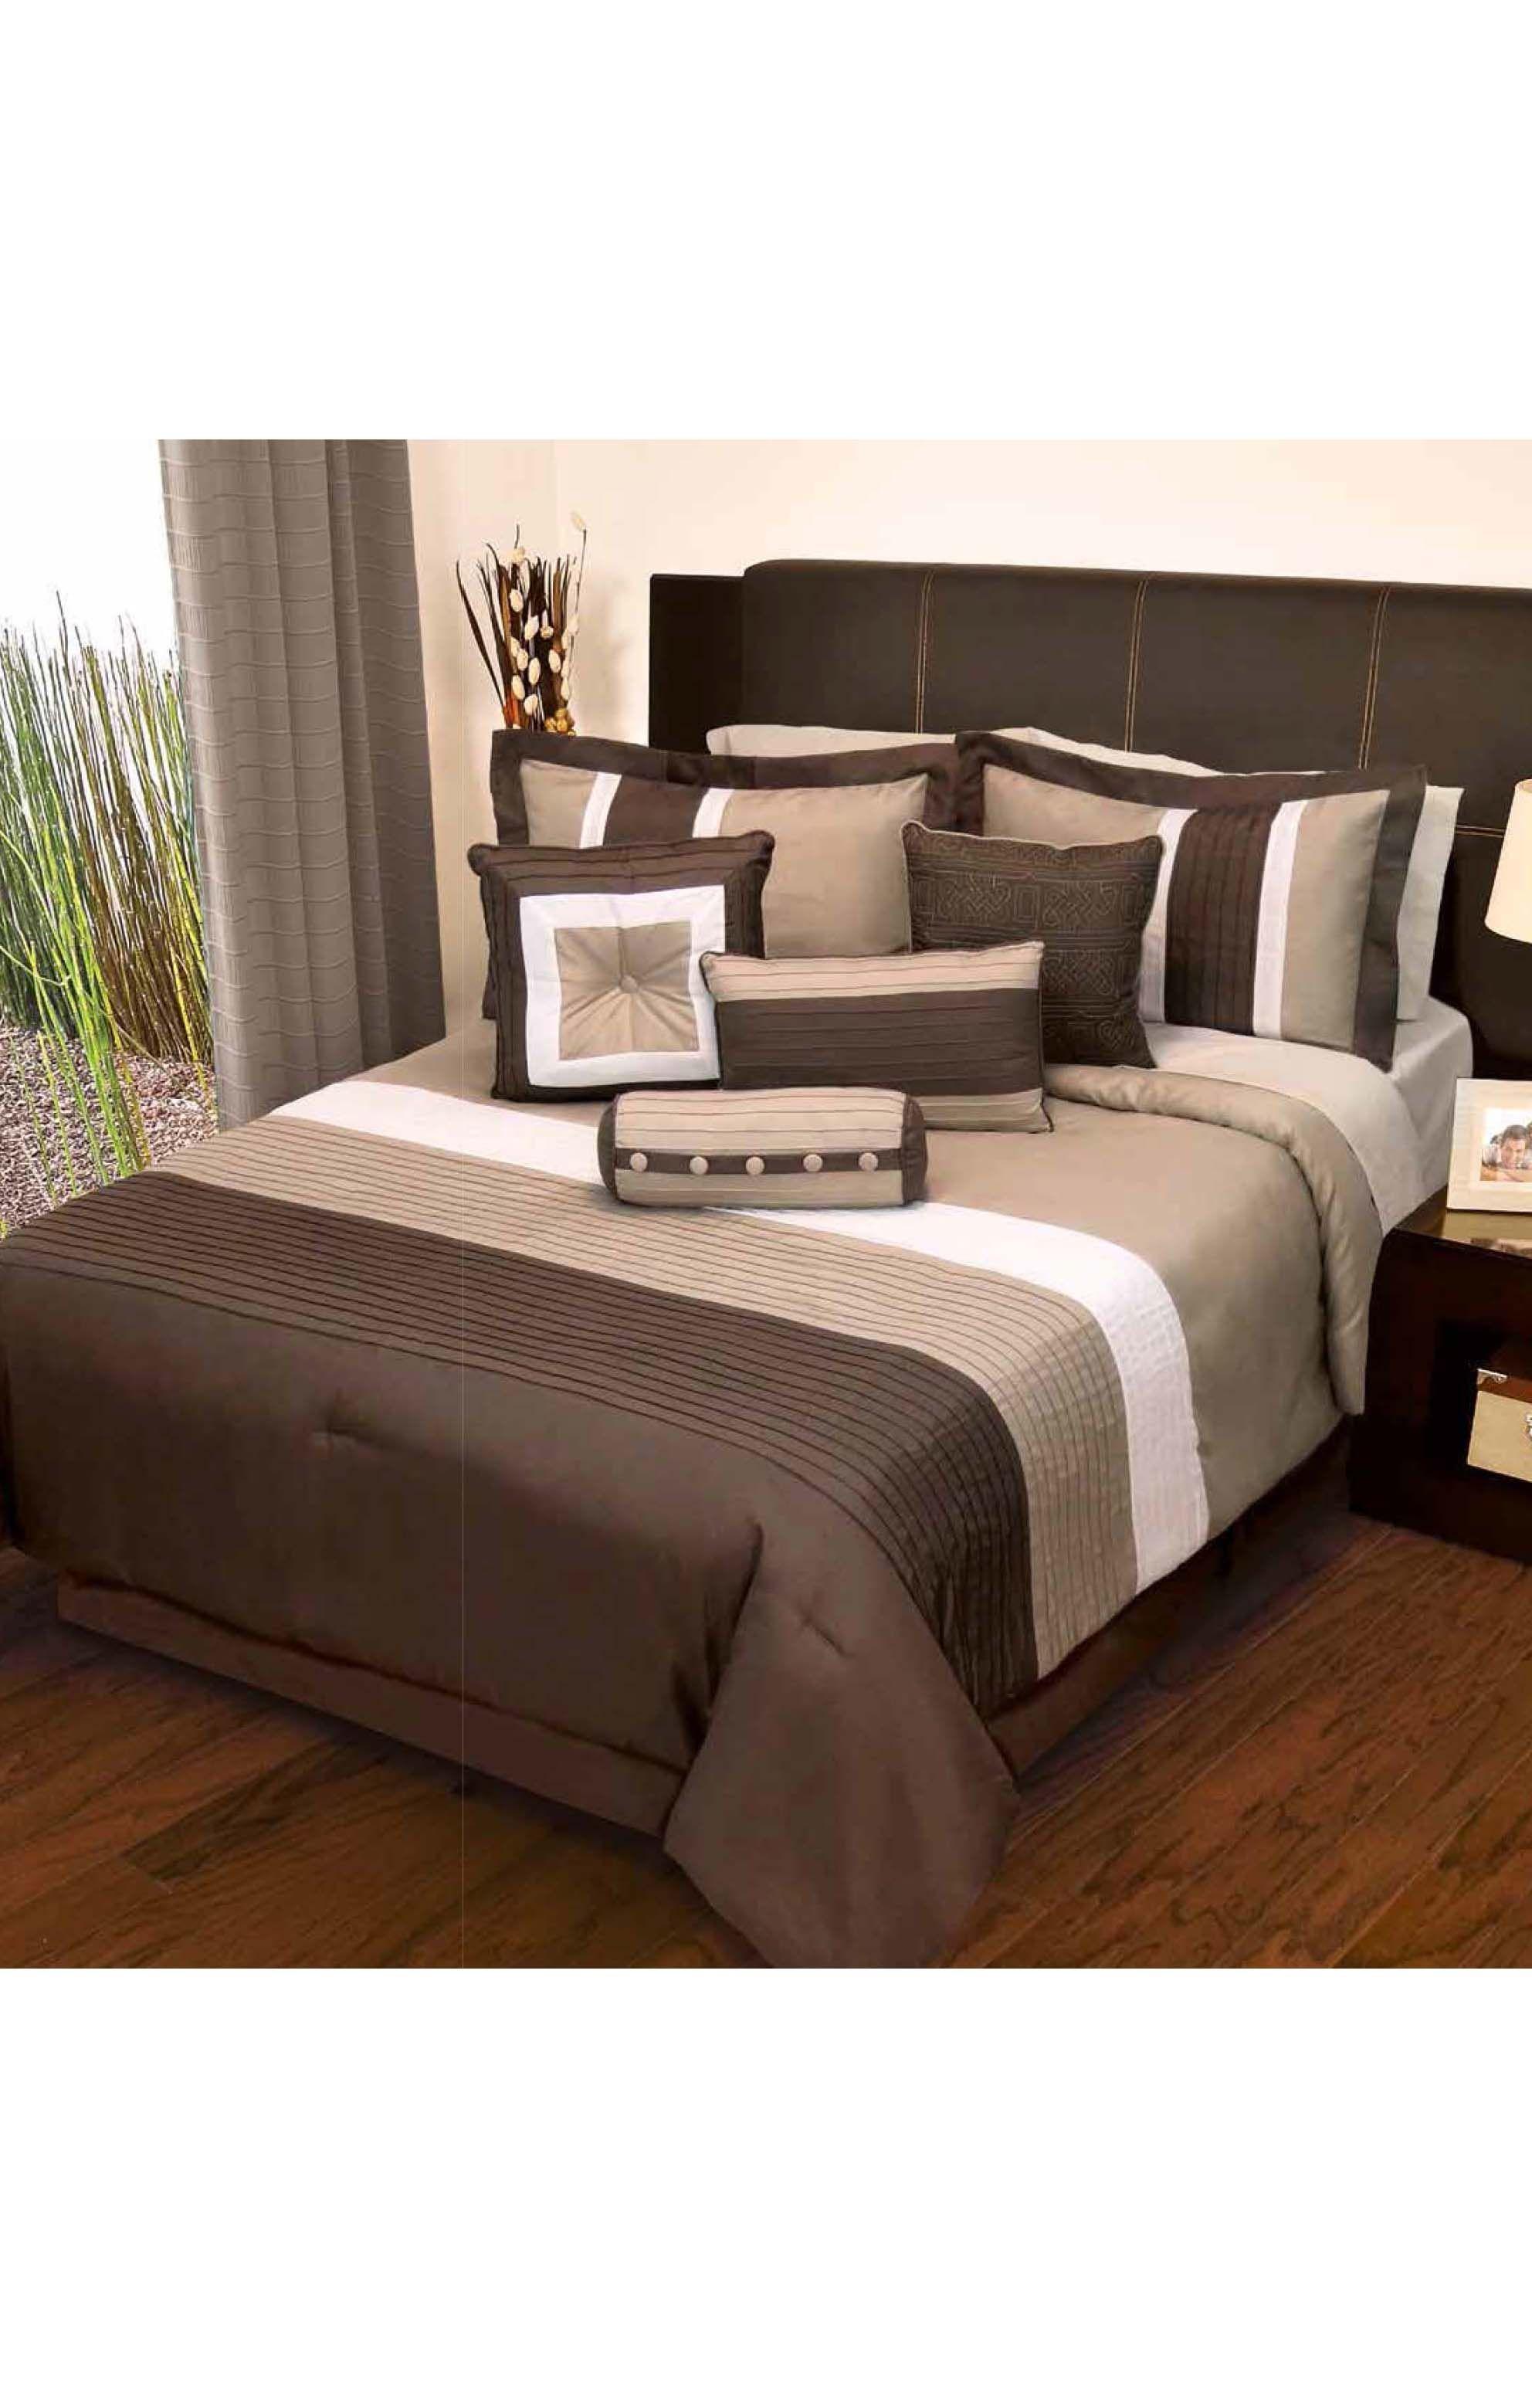 Mostrar detalles para dormireal edredon city cubrecamas - Colchas y cortinas modernas ...